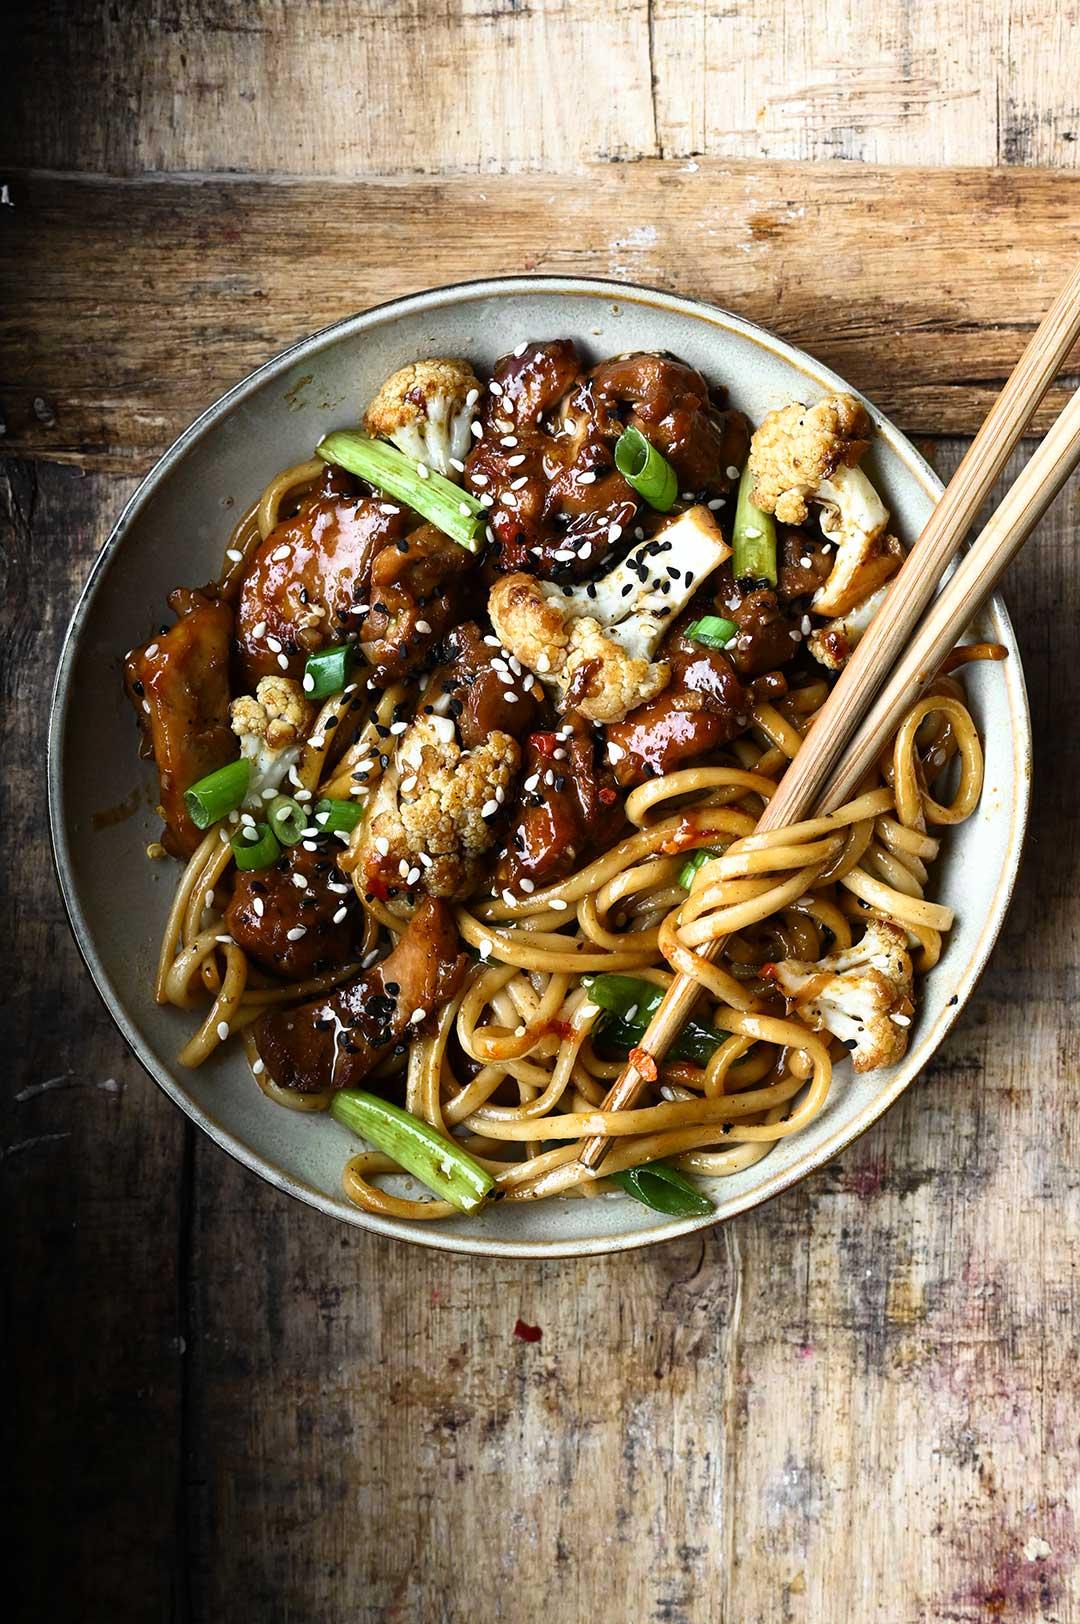 serving dumplings | Kip met bloemkool in sojasaus